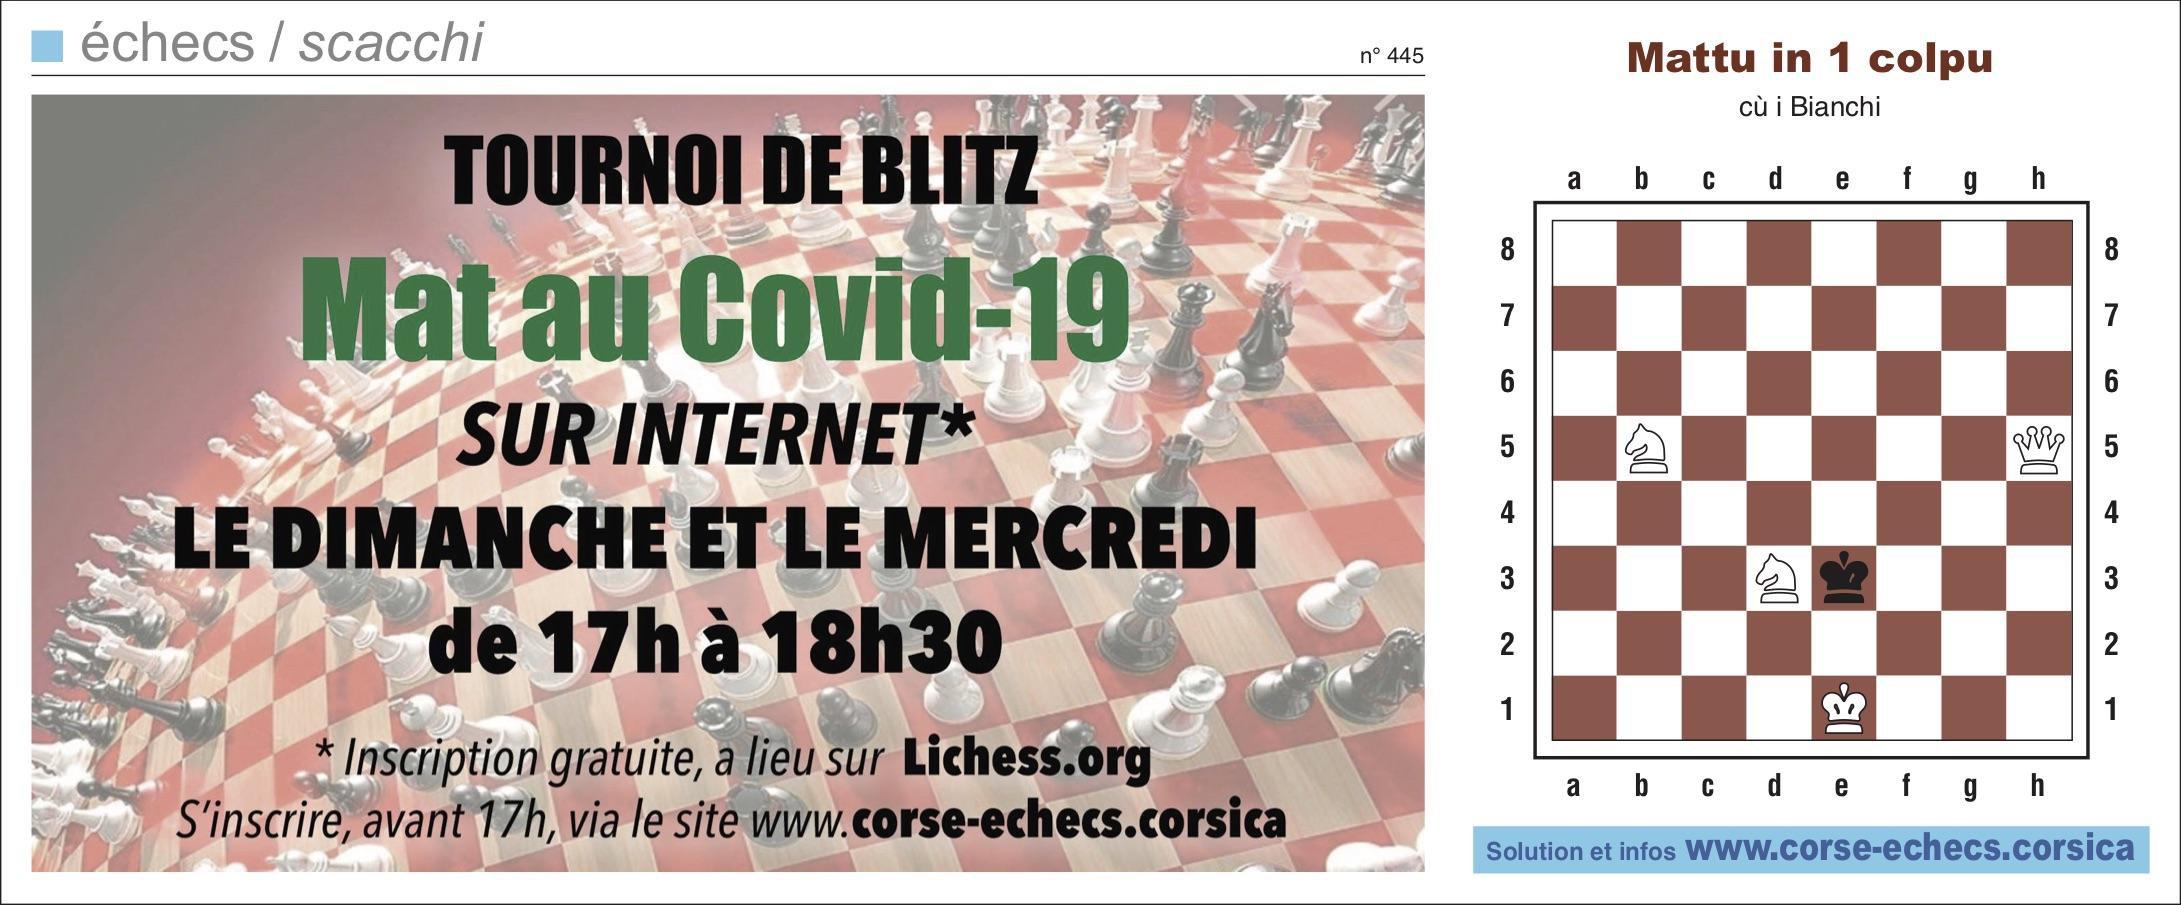 Corse-Matin du 5 avril 2020